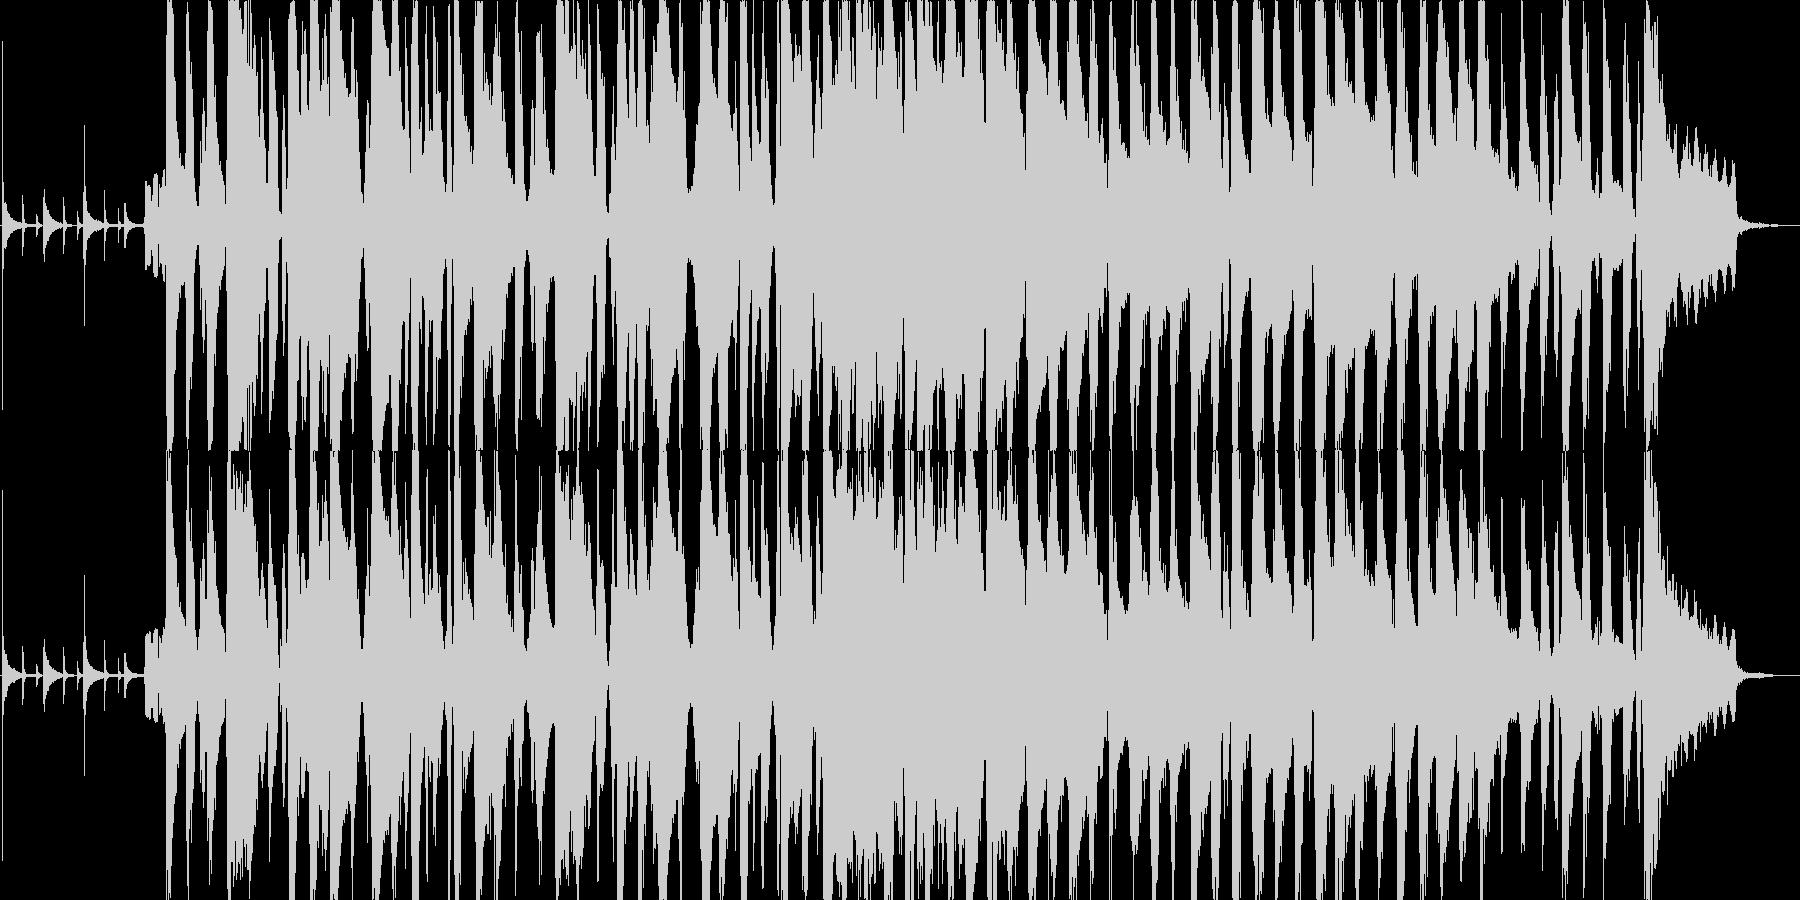 ほのぼのとした日常インストの未再生の波形